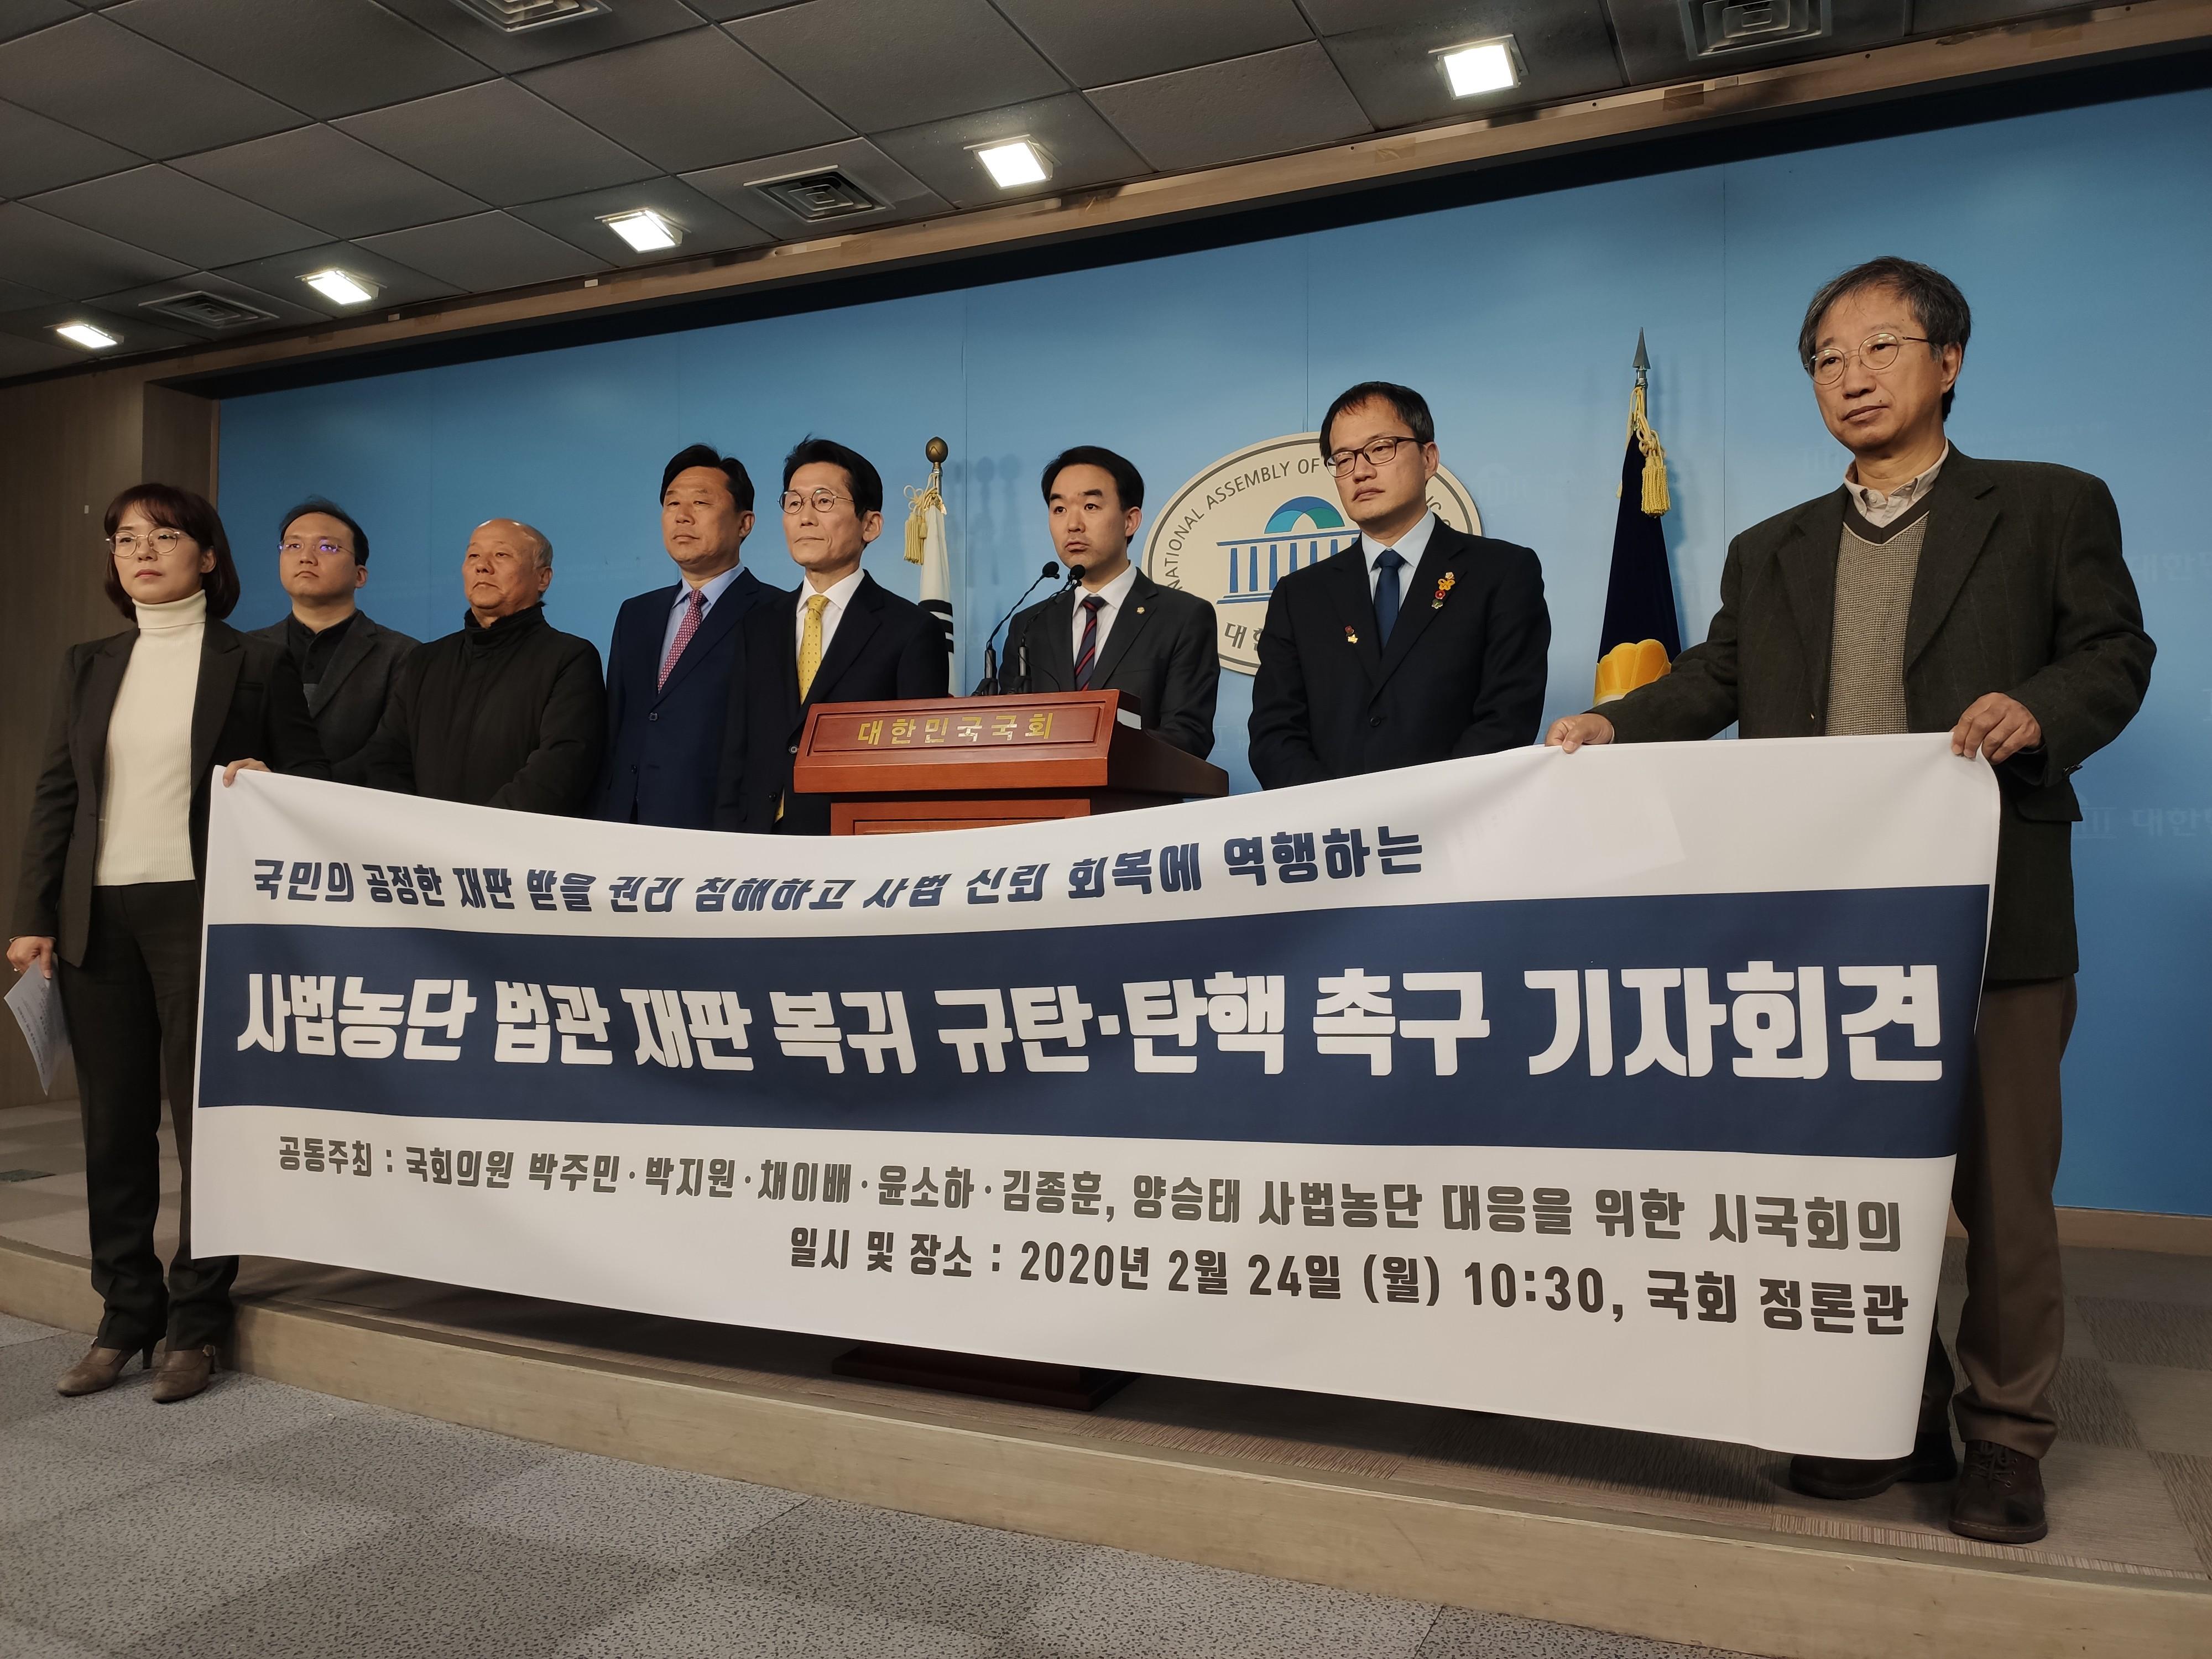 20200224_사법농단법관복귀규탄및탄핵촉구기자회견